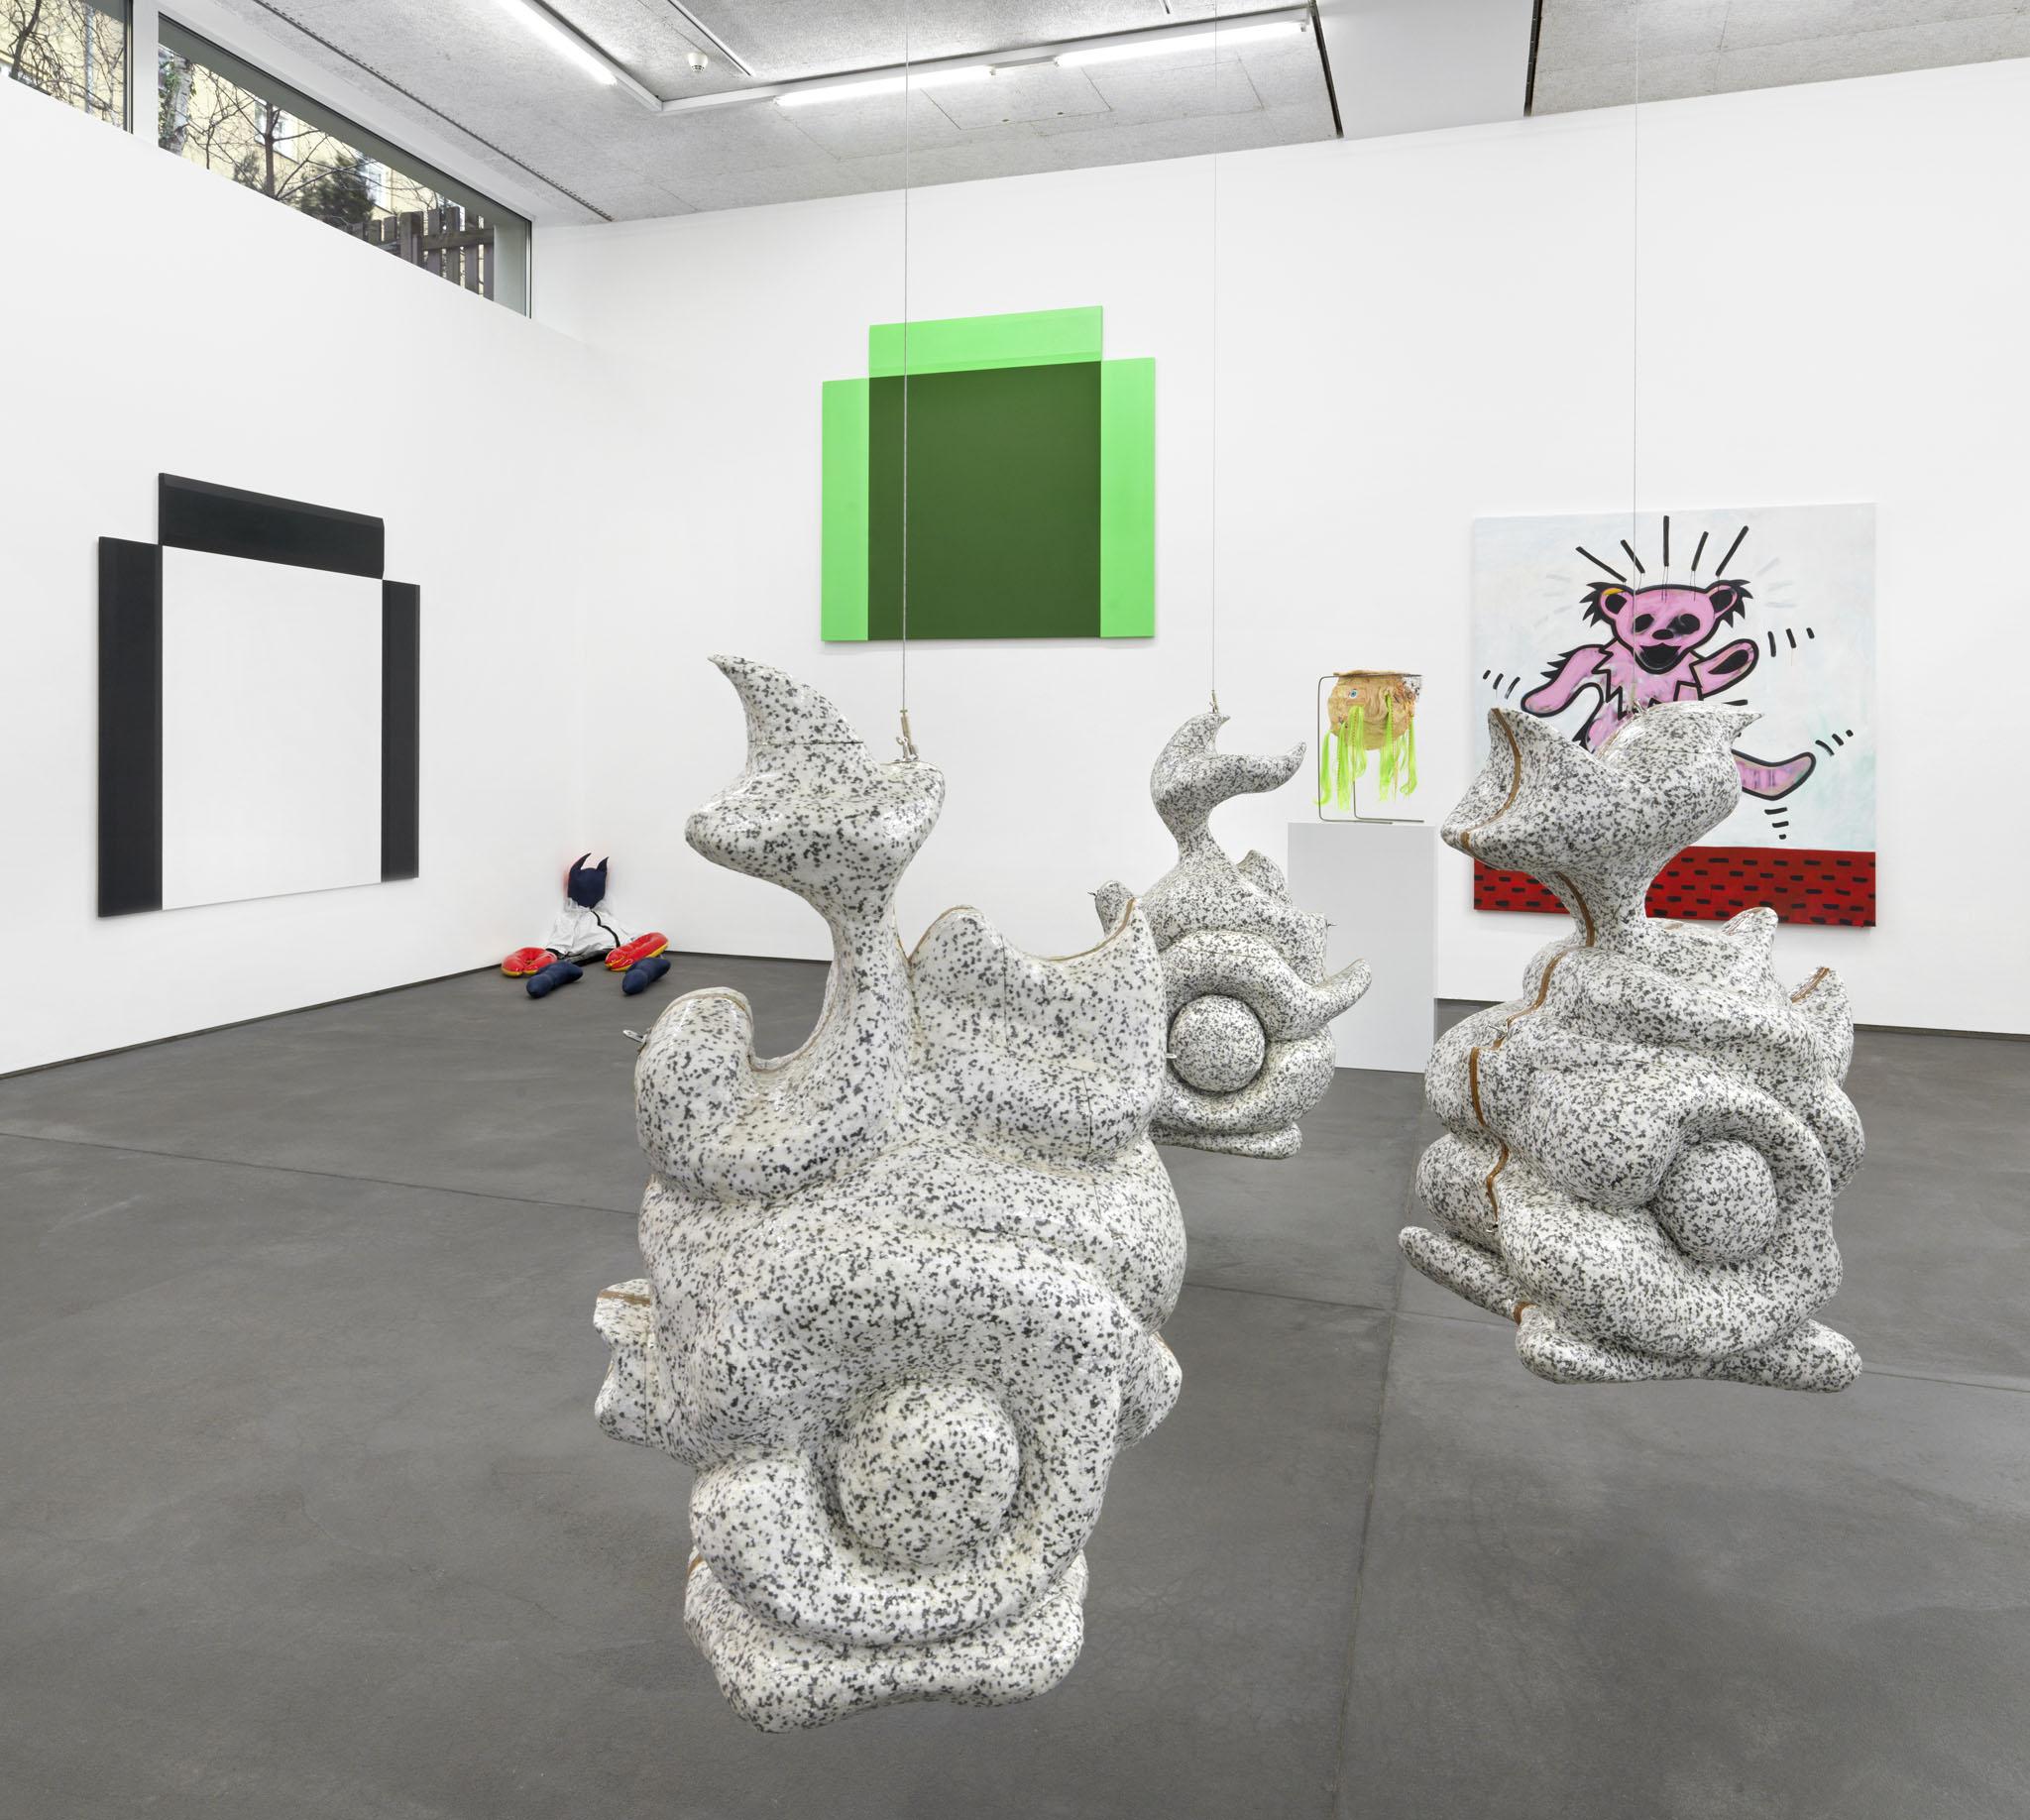 Dittrich e Schlechtriem, Duna Bianca. Courtesy Dittrich e Schlechtriem, Berlin. Ph. Jens Ziehe, Berlin Gallery Weekend